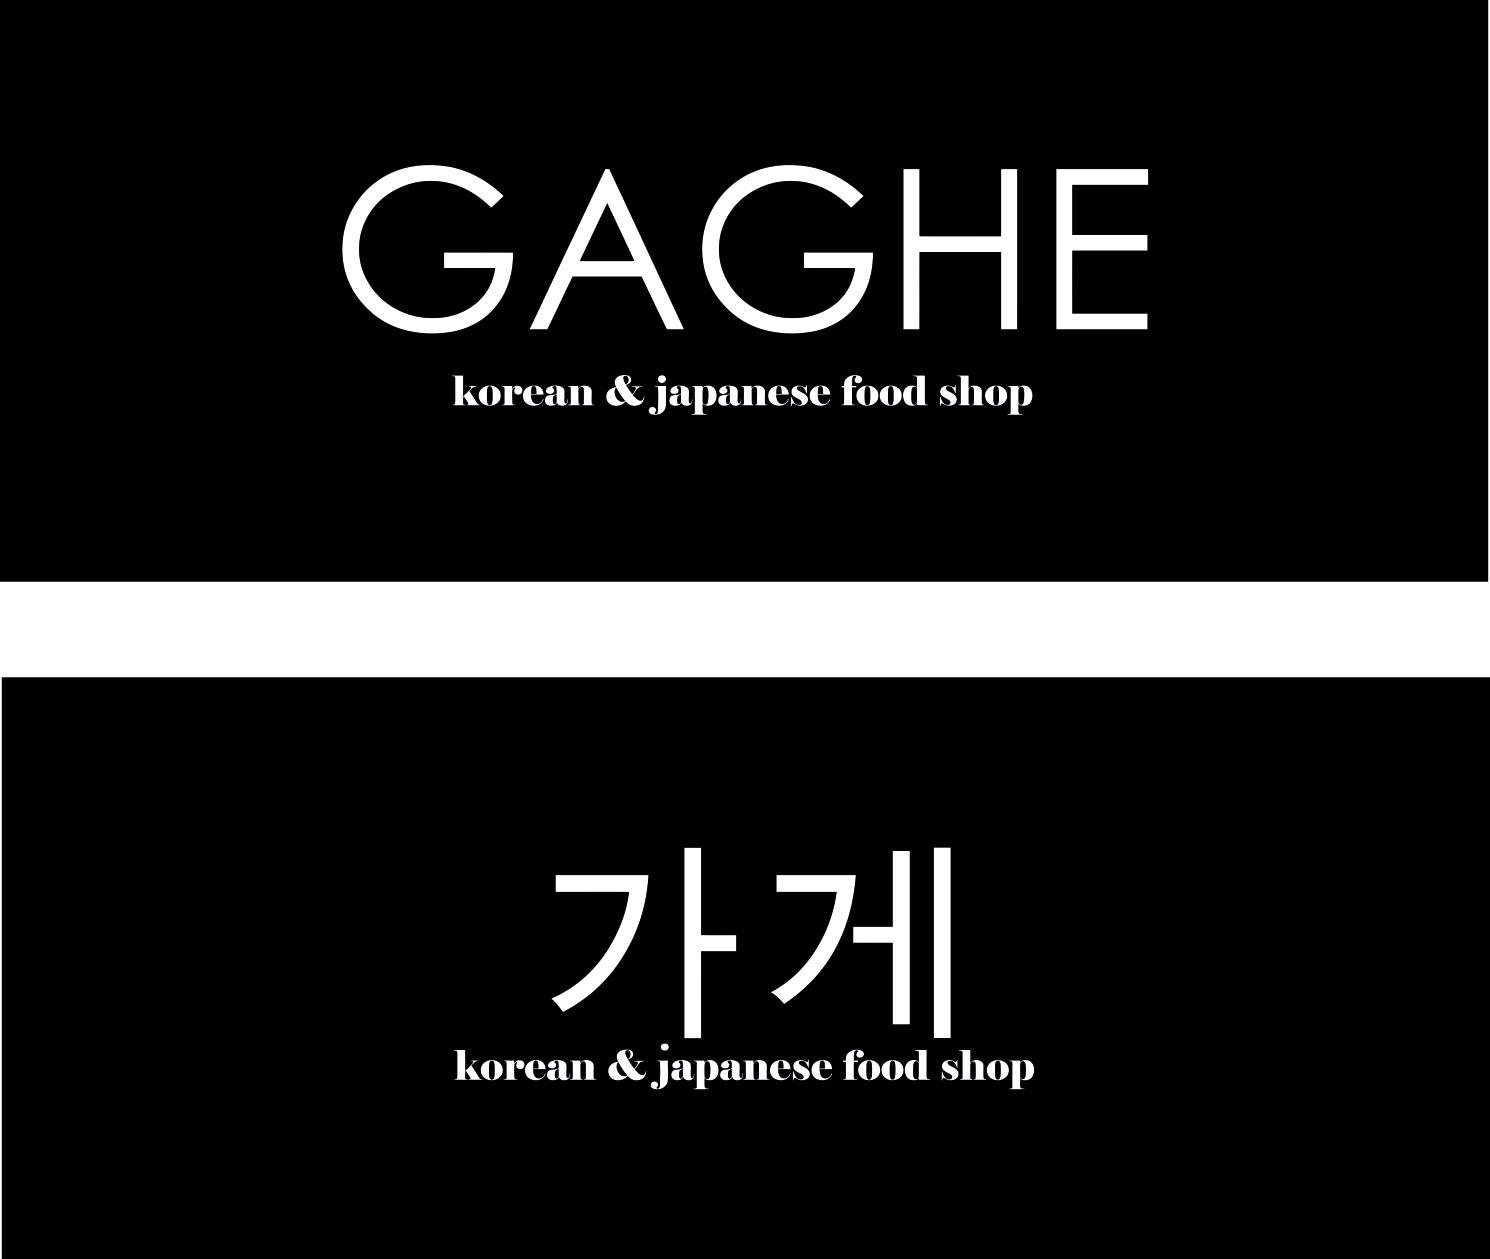 nuova convenzione con la nostra tessera - Gaghe, negozio di alimenti Koreani e Giapponesi, offre il 10% di sconto sui suoi prodotti, compresi quelli in promozione.La nostra tessera annuale da diritto a diversi sconti con i nostri partners, consulta l'elenco.